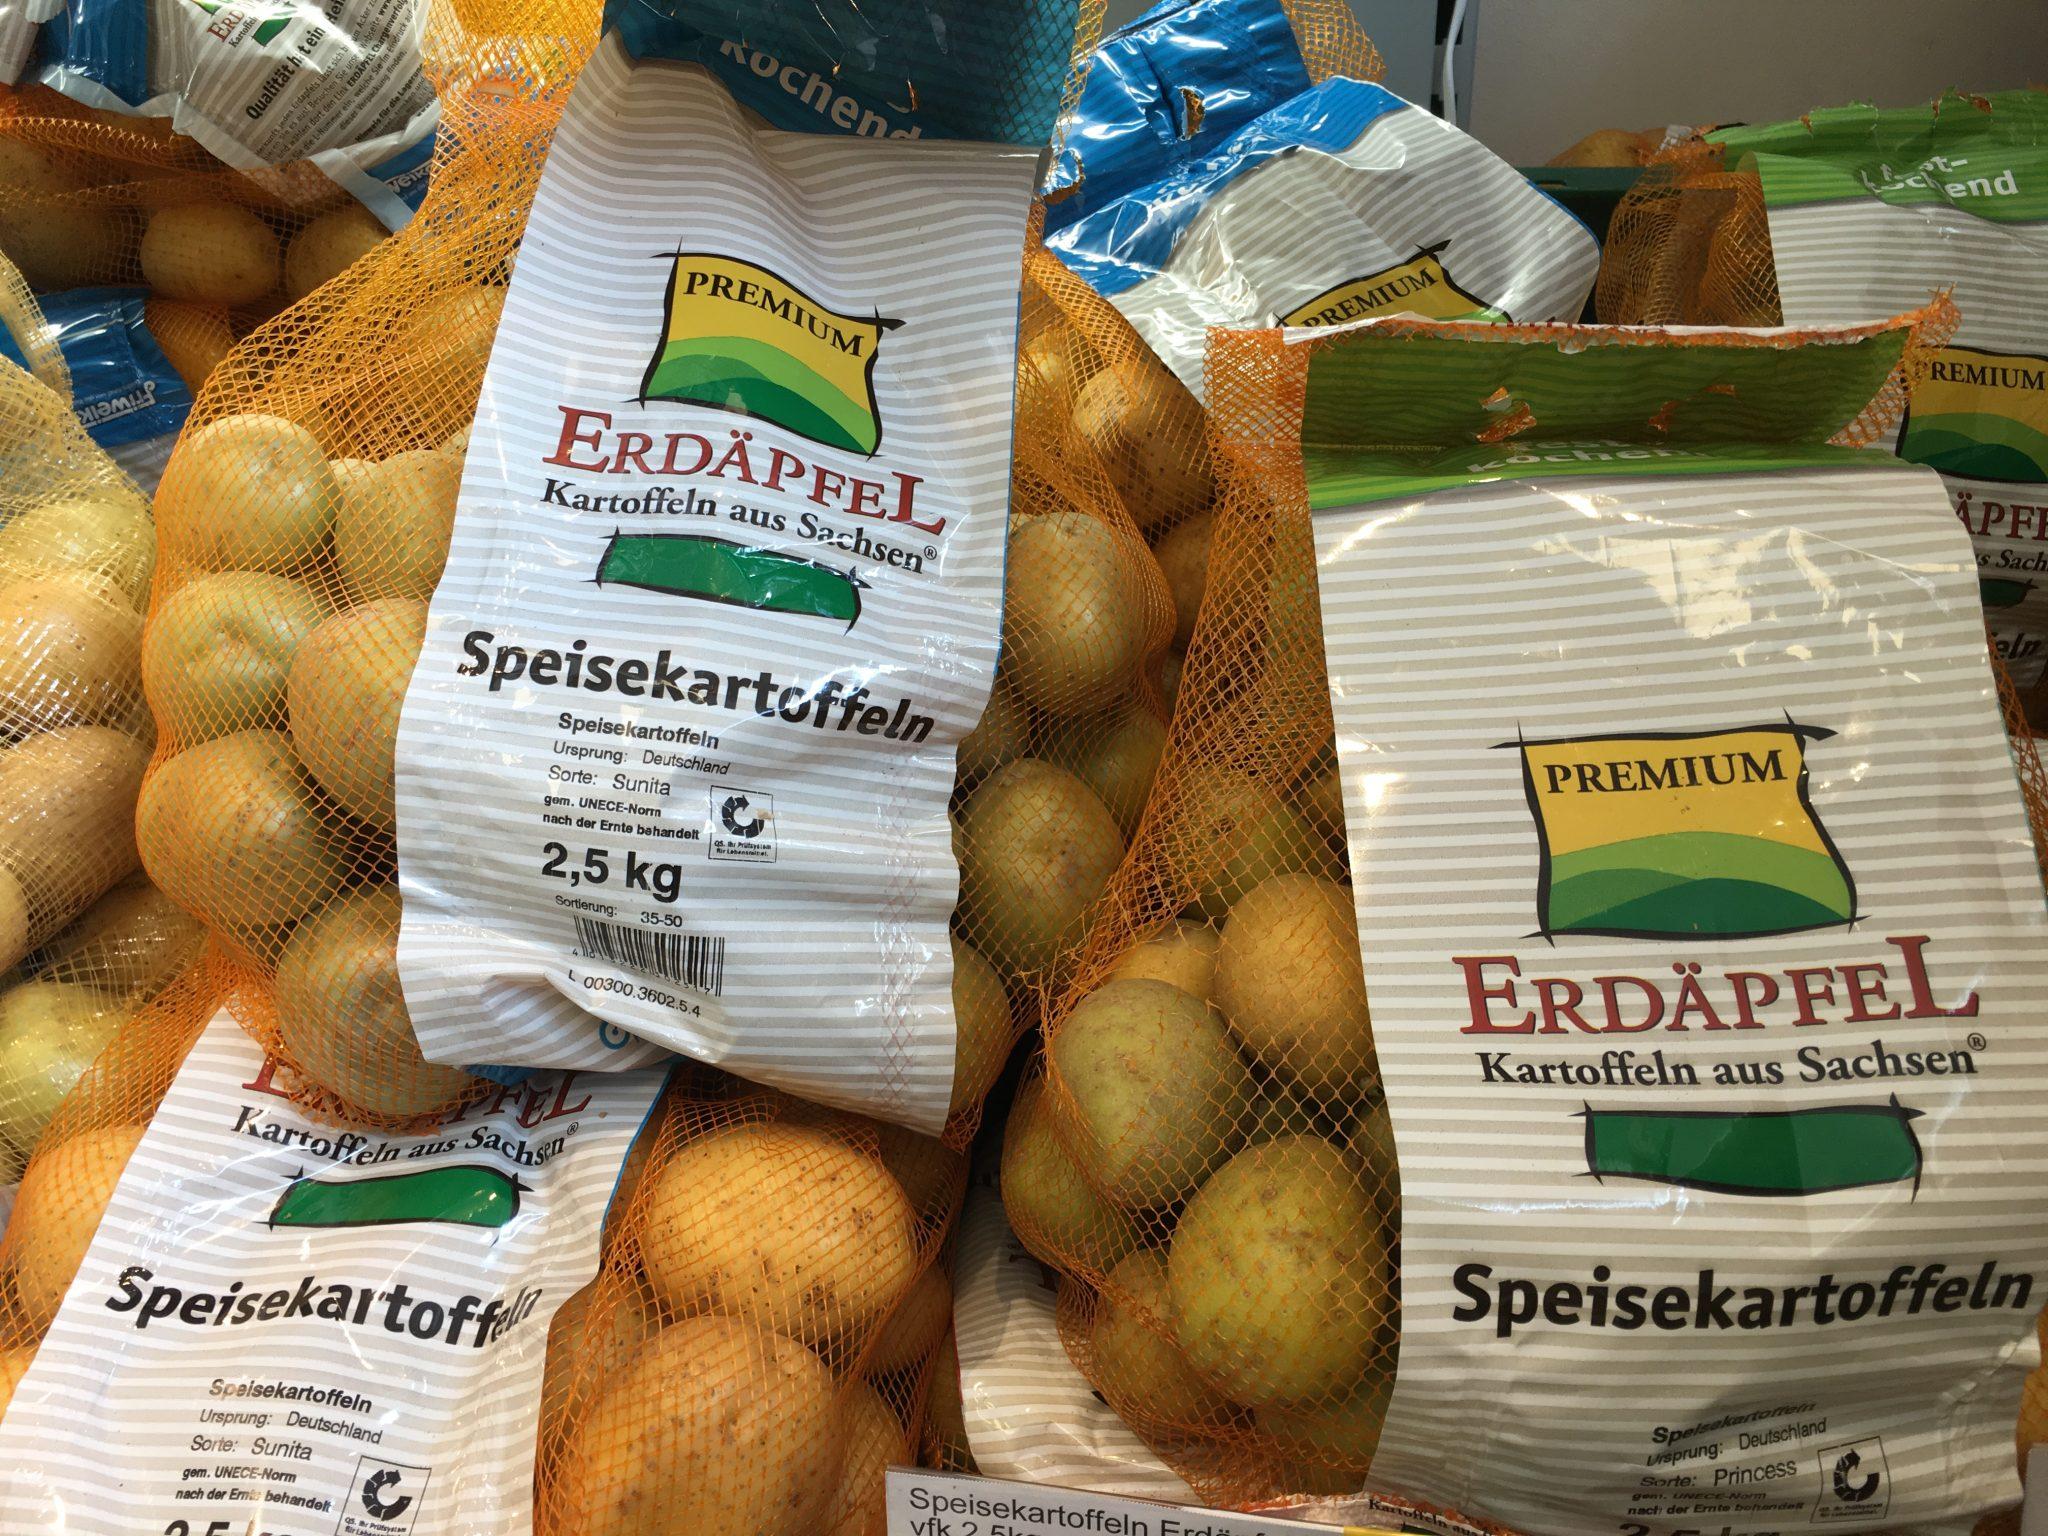 Erdäpfel - Premium Kartoffeln aus Sachsen (Kartoffeln im Netz)